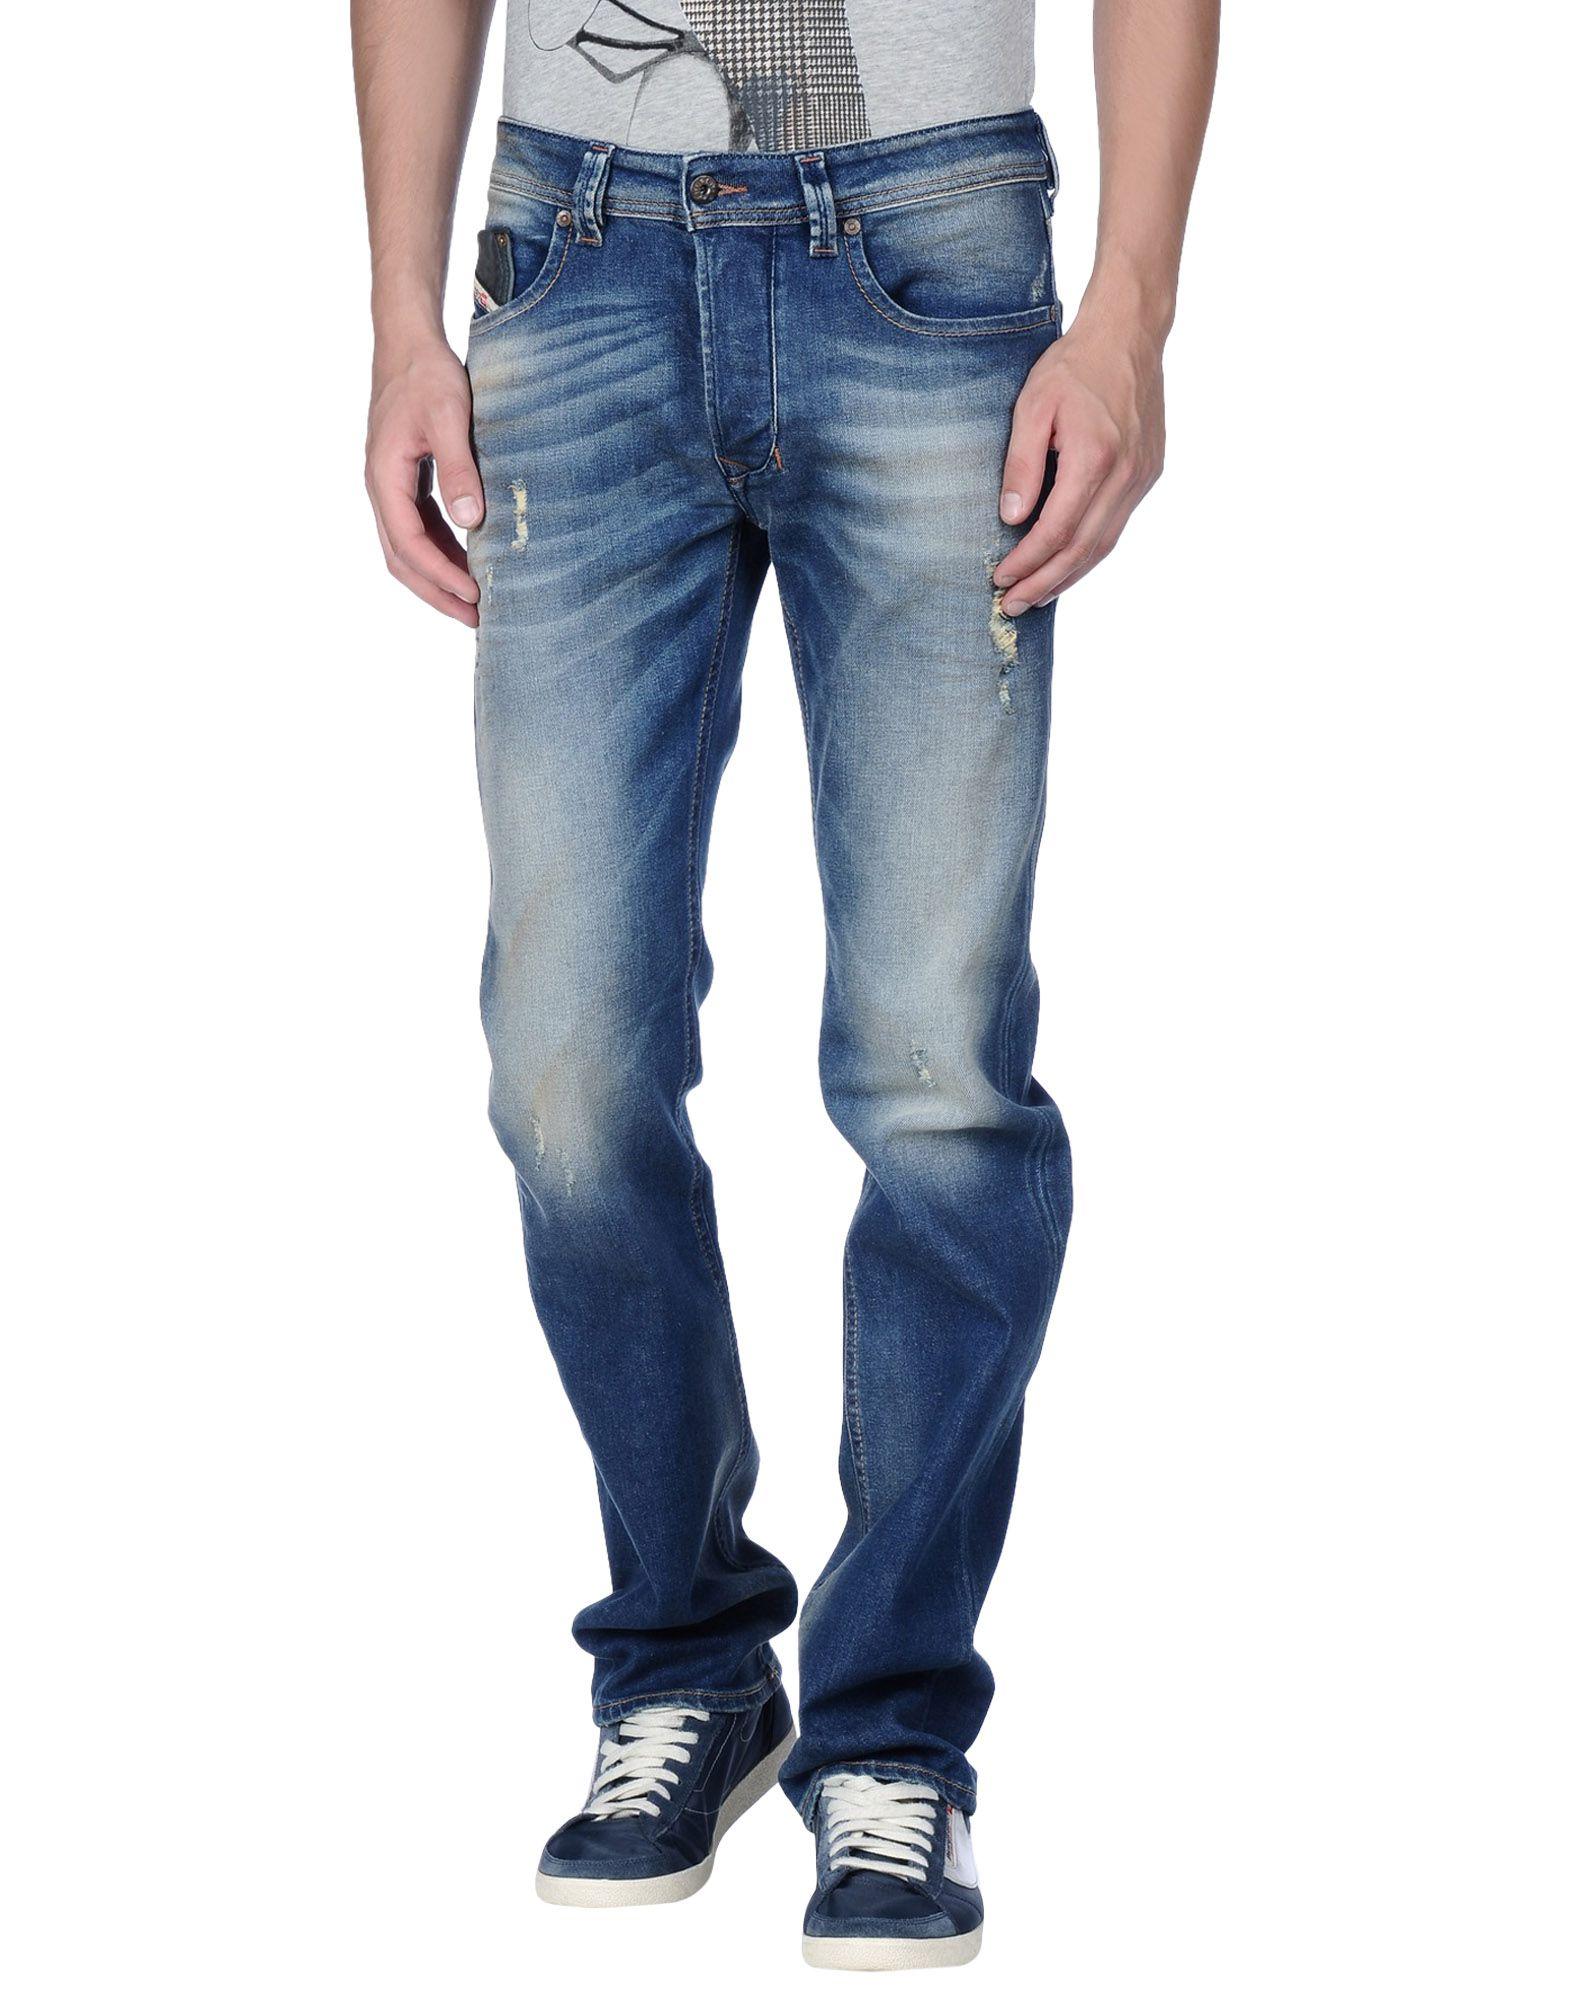 Diesel Larkee 608F Jeans blue 0608F men